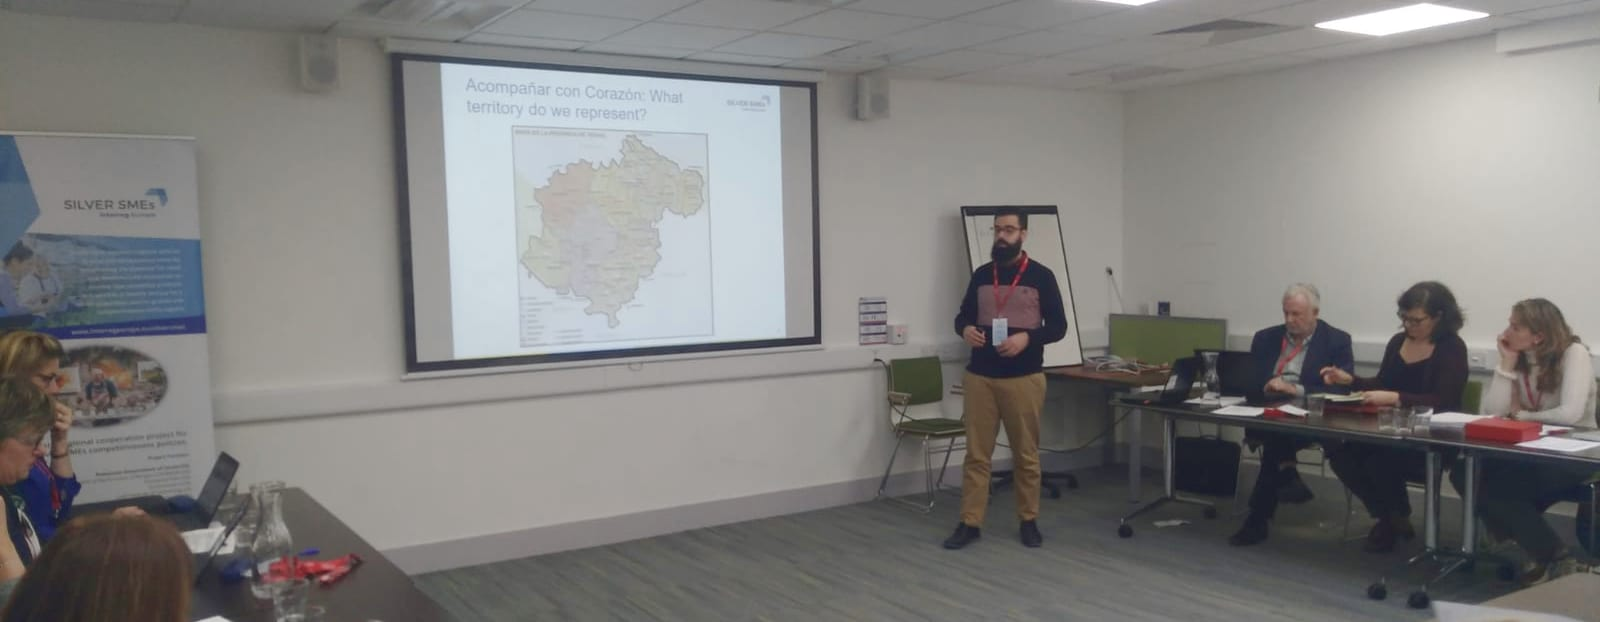 ATADI y Cáritas comparten experiencias en Irlanda invitados por la Diputación de Teruel